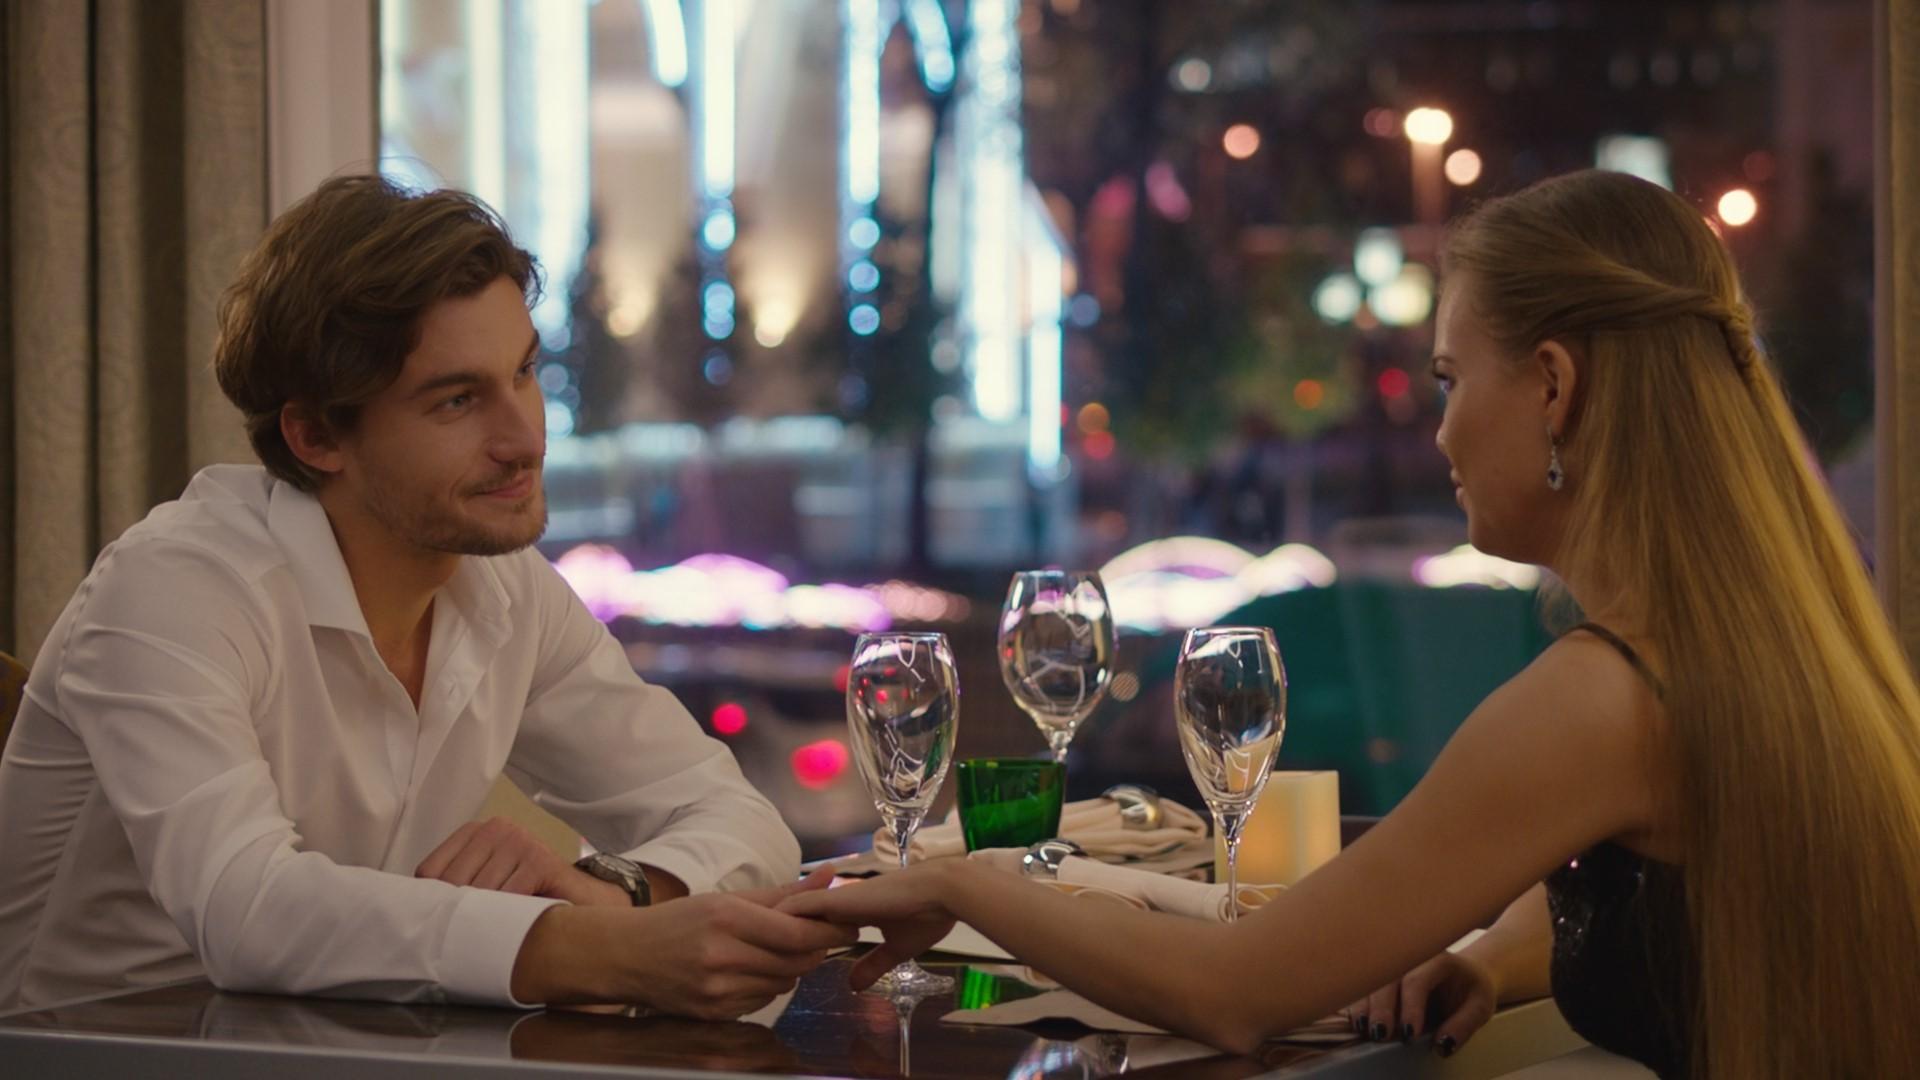 свидание в вегасе трейлер